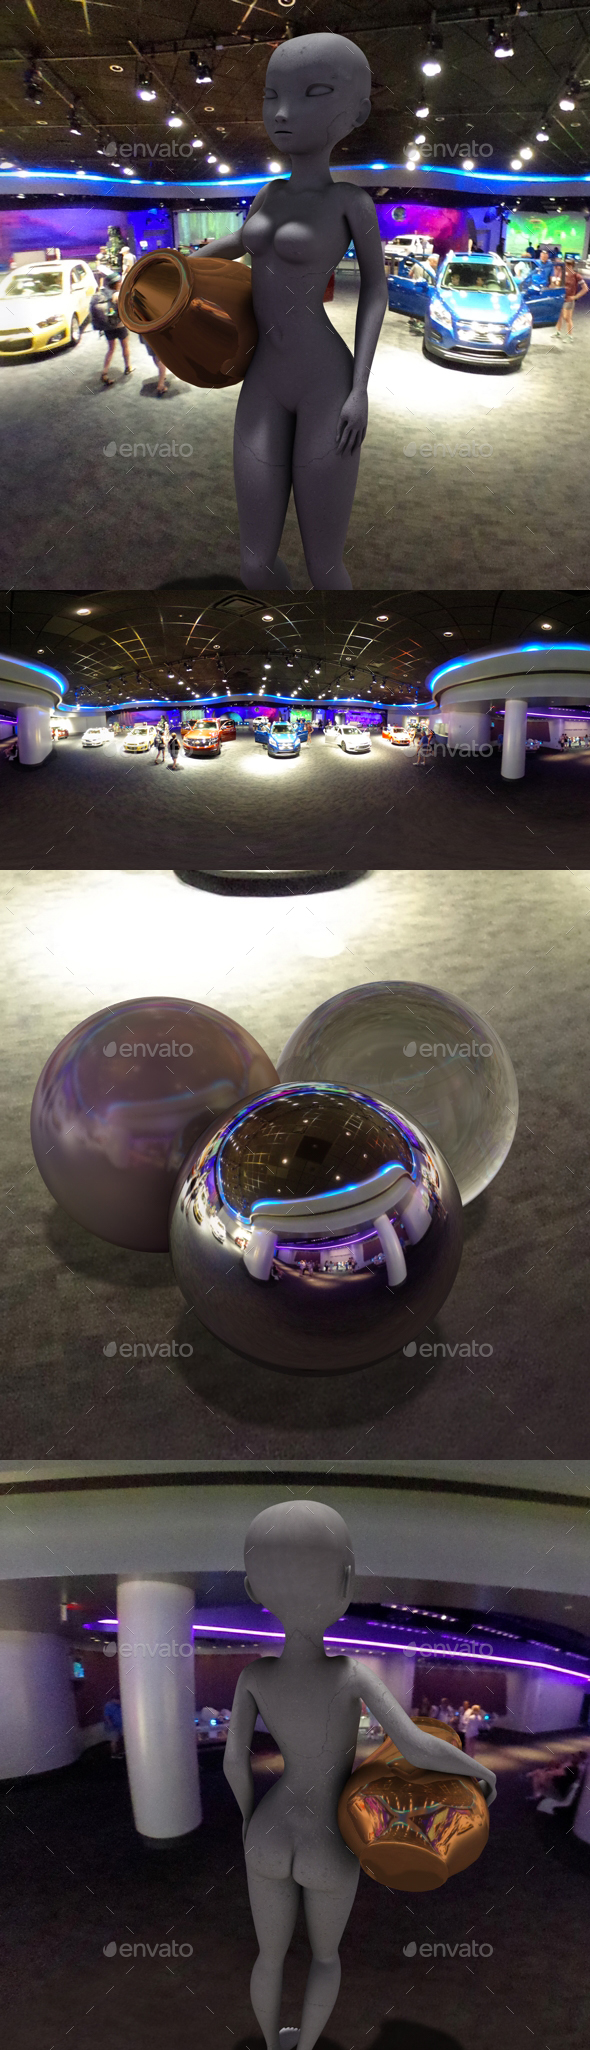 Neon Car Showroom HDRI - 3DOcean Item for Sale